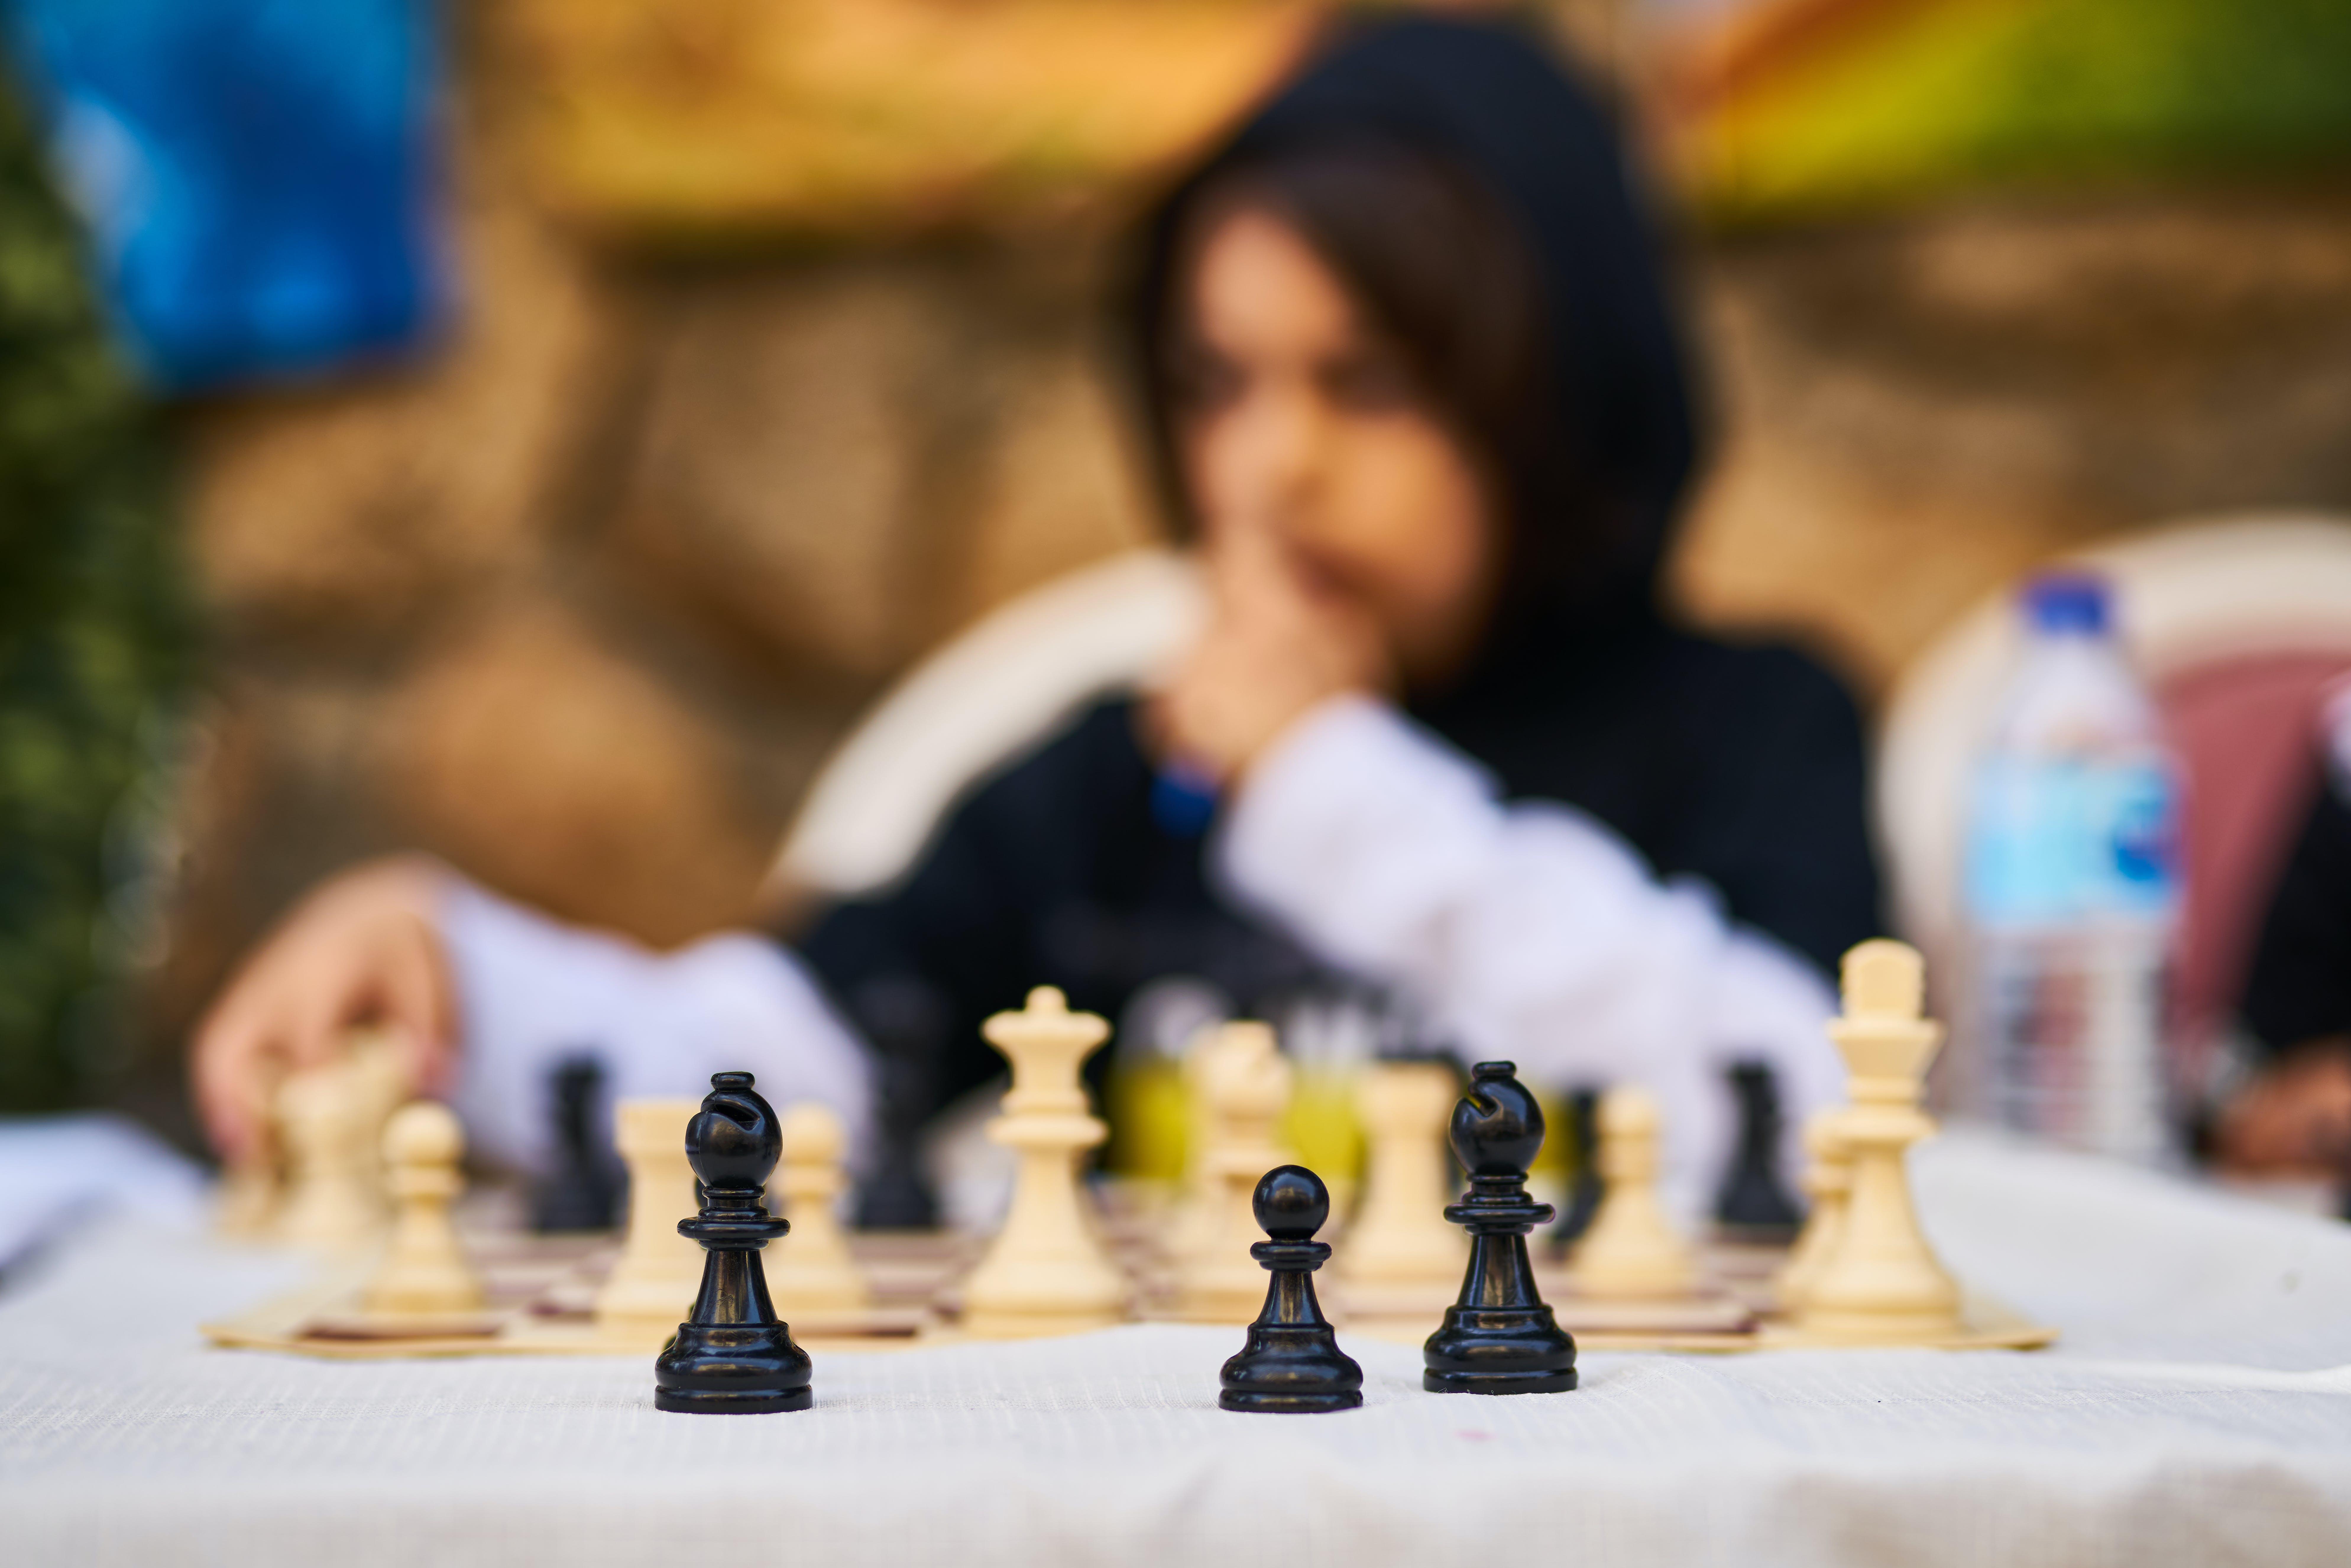 Fotos de stock gratuitas de ajedrez, aparearse, casa de empeños, divertido